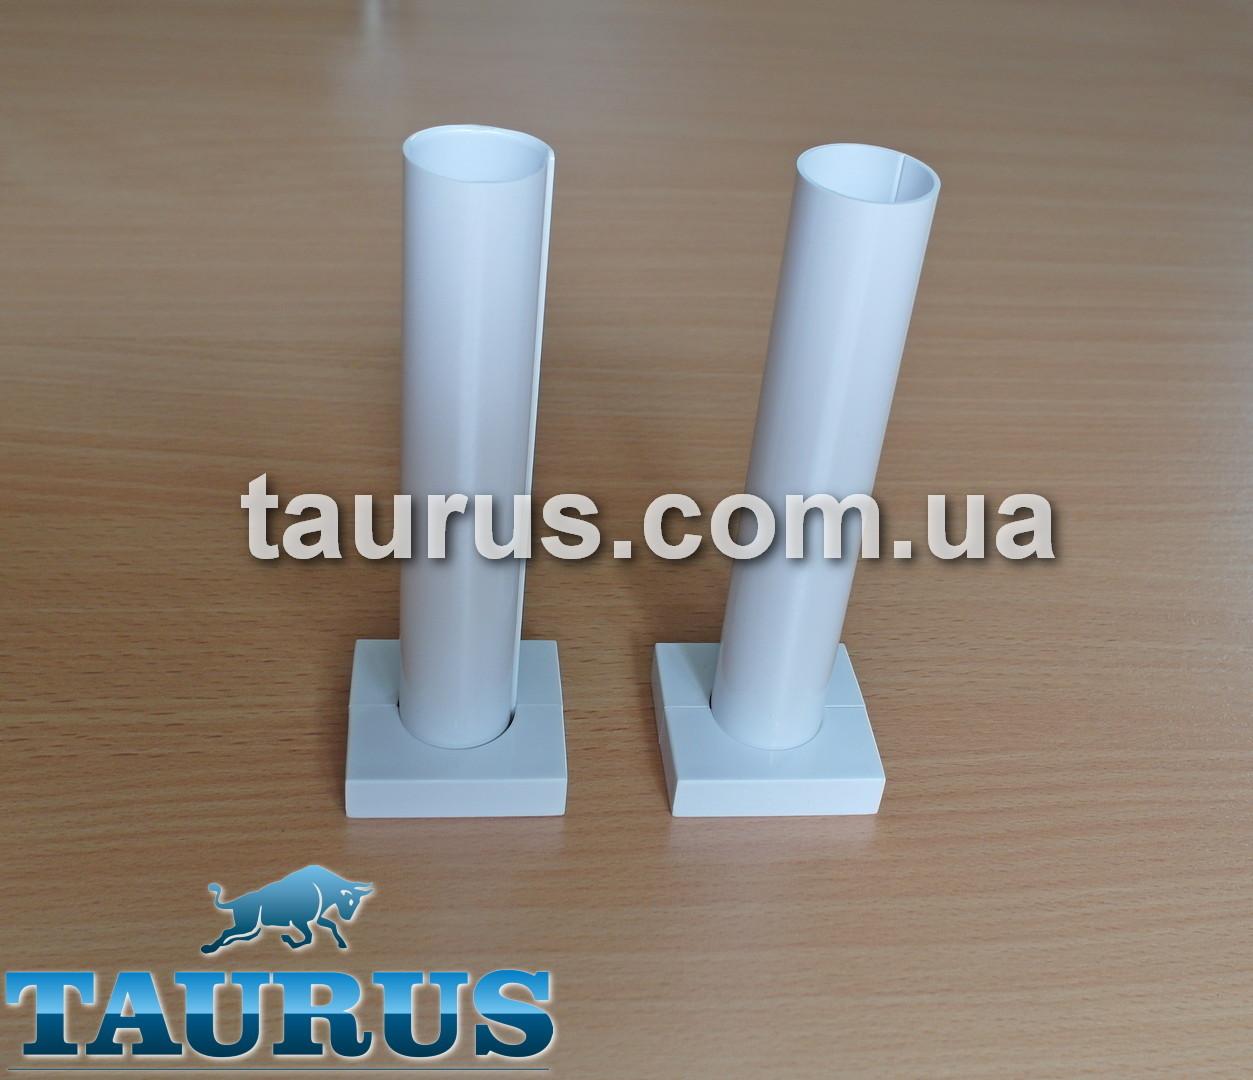 Разборный маскировочный комплект трубки с фланцем для скрытия труб подключения и провода от электроТЭНа, белый